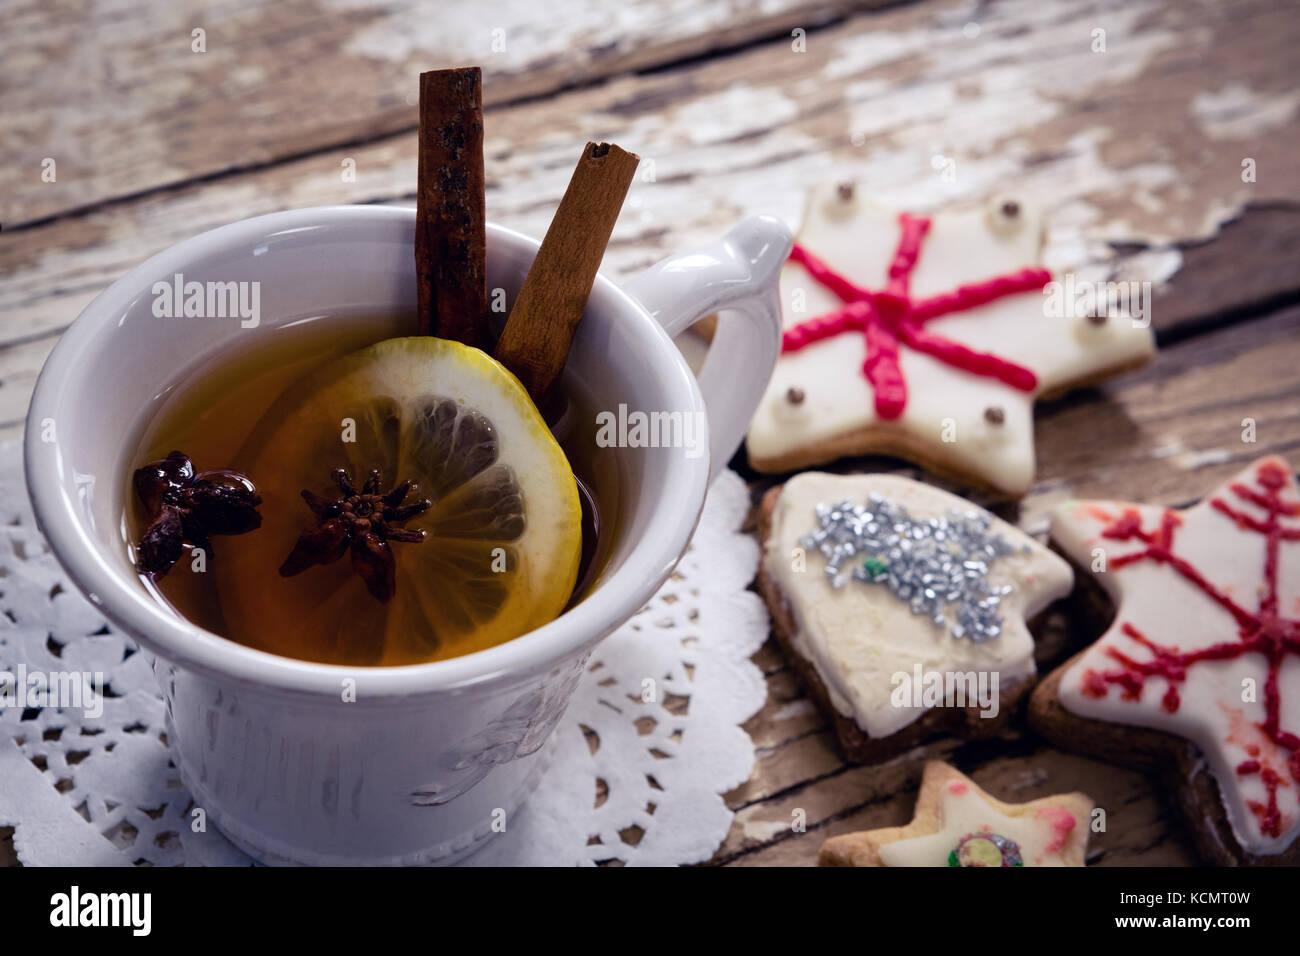 Close-up de té, especias y galletas en la plancha de madera. Imagen De Stock